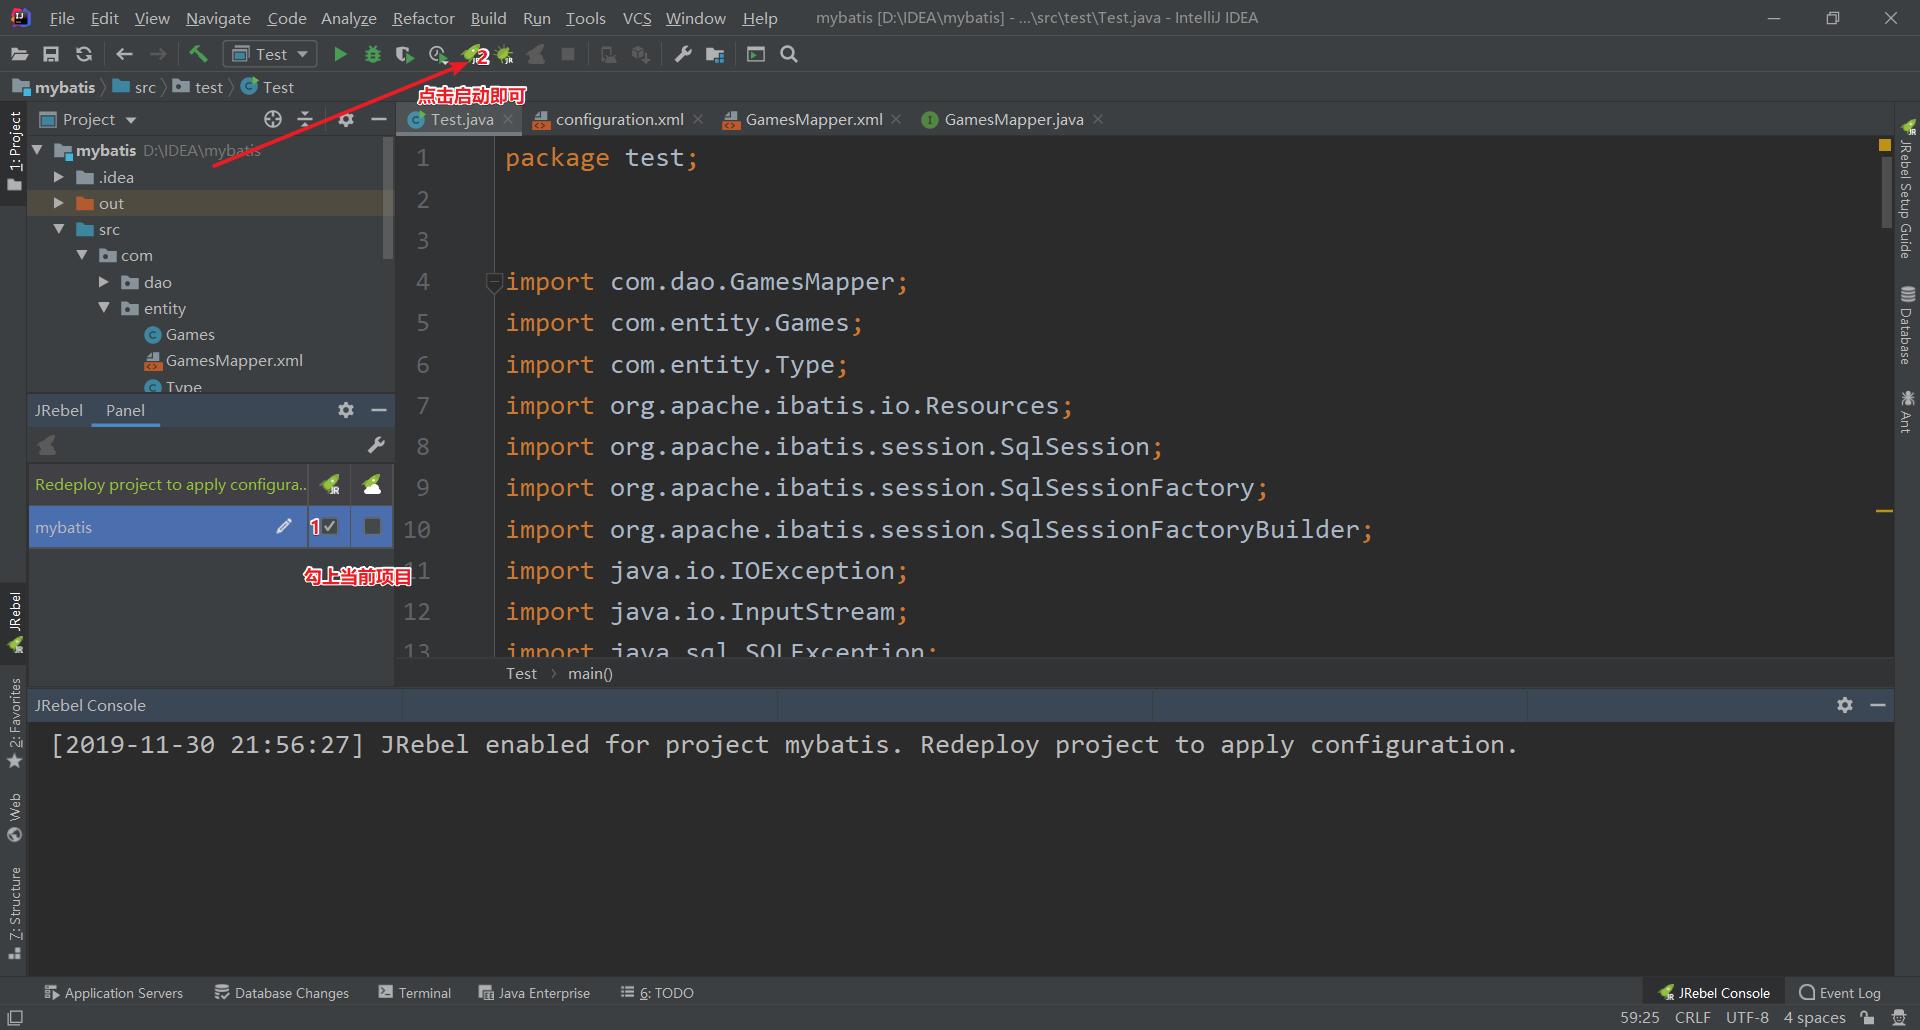 勾上当前项目 启动项目页面